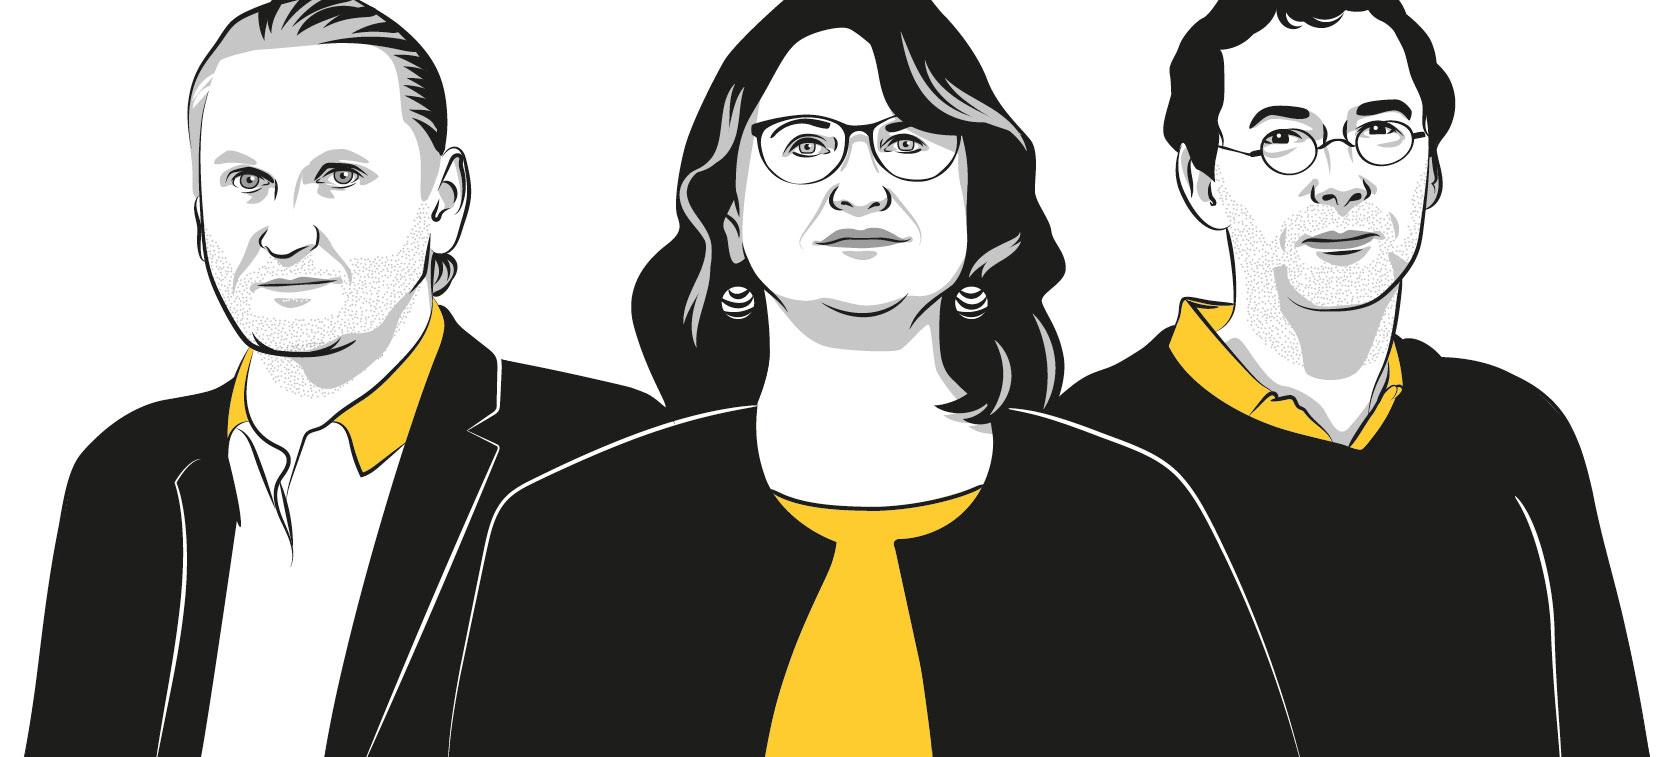 Illustrationen von Gernot Müller-Putz, Bernd Nidetzky und Gabriele Berg